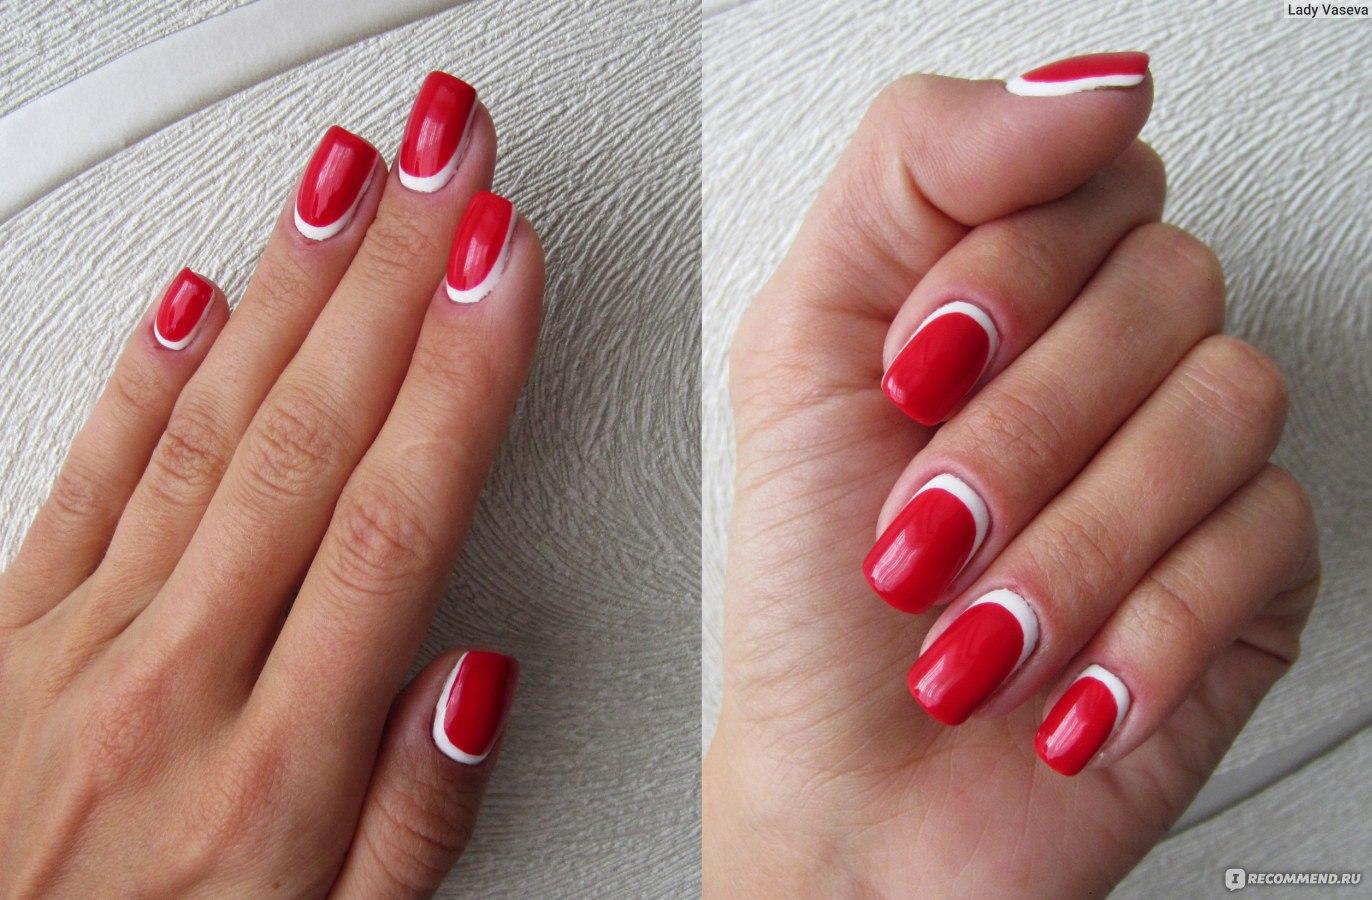 Французский маникюр с красным лаком на коротких ногтях фото